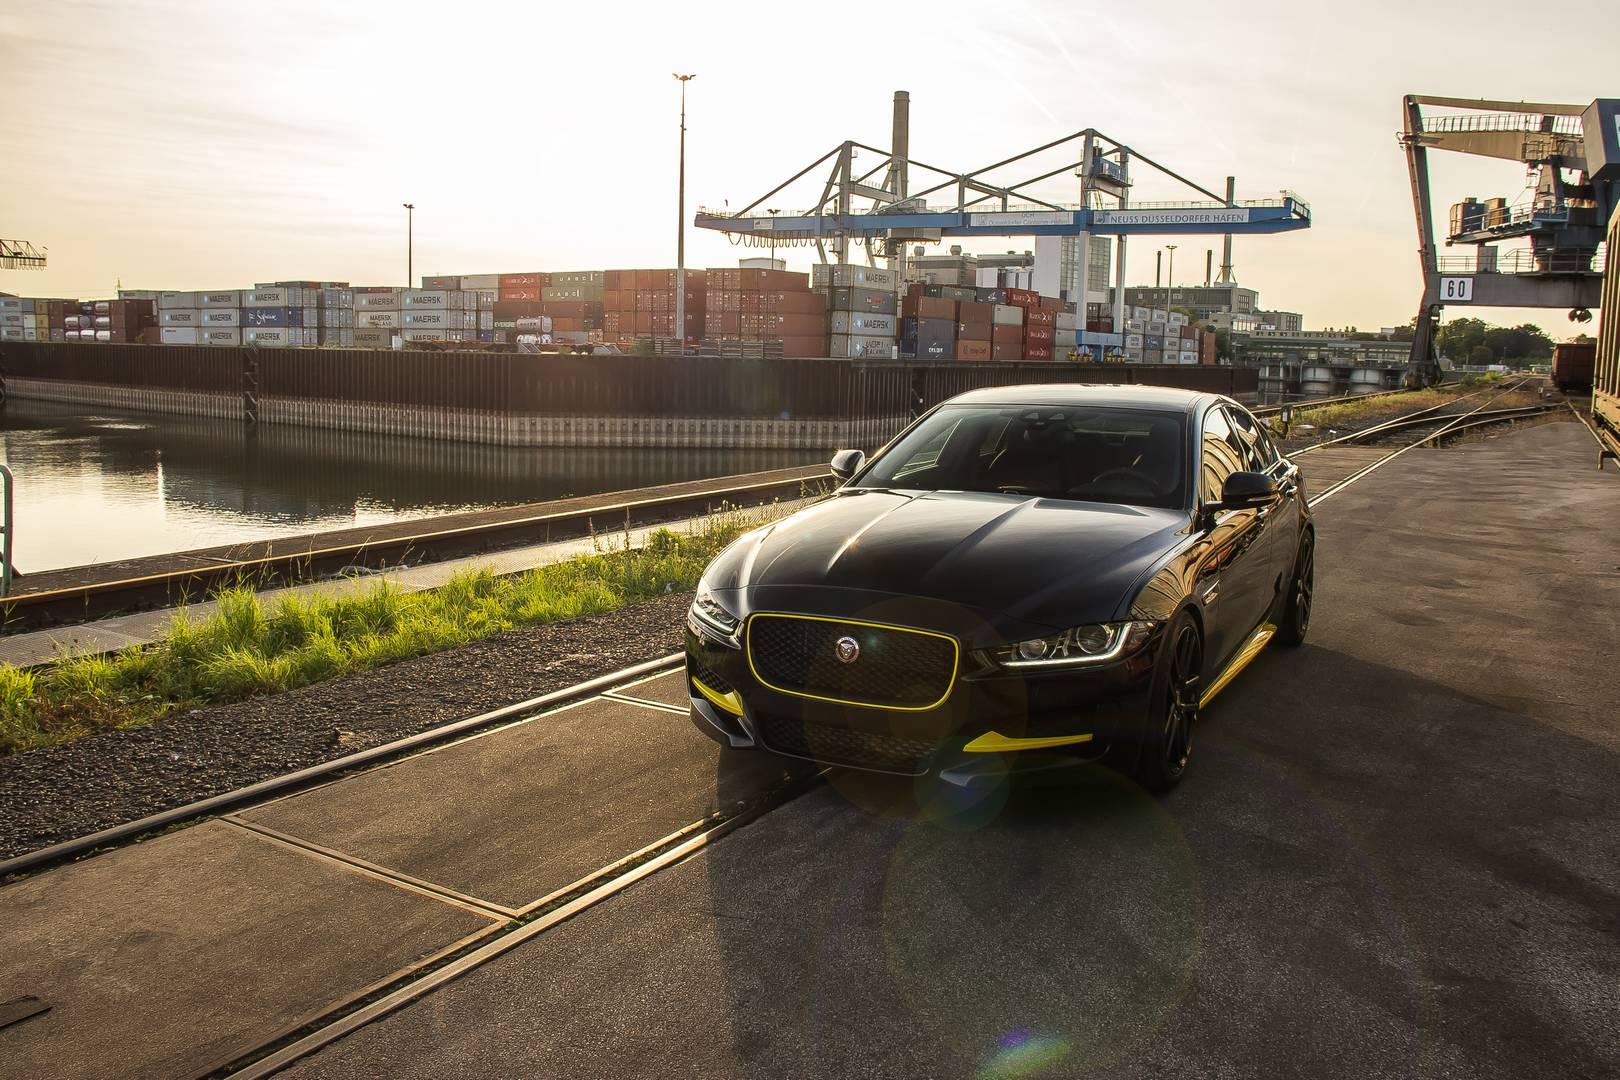 Владельцы дизельных моделей могут заказать активную звуковую систему Arden, которая, как говорят, обеспечивает подлинный звук двигателя в салоне. Пять звуковых профилей варьируются от звучного V6 до глубокого V8.